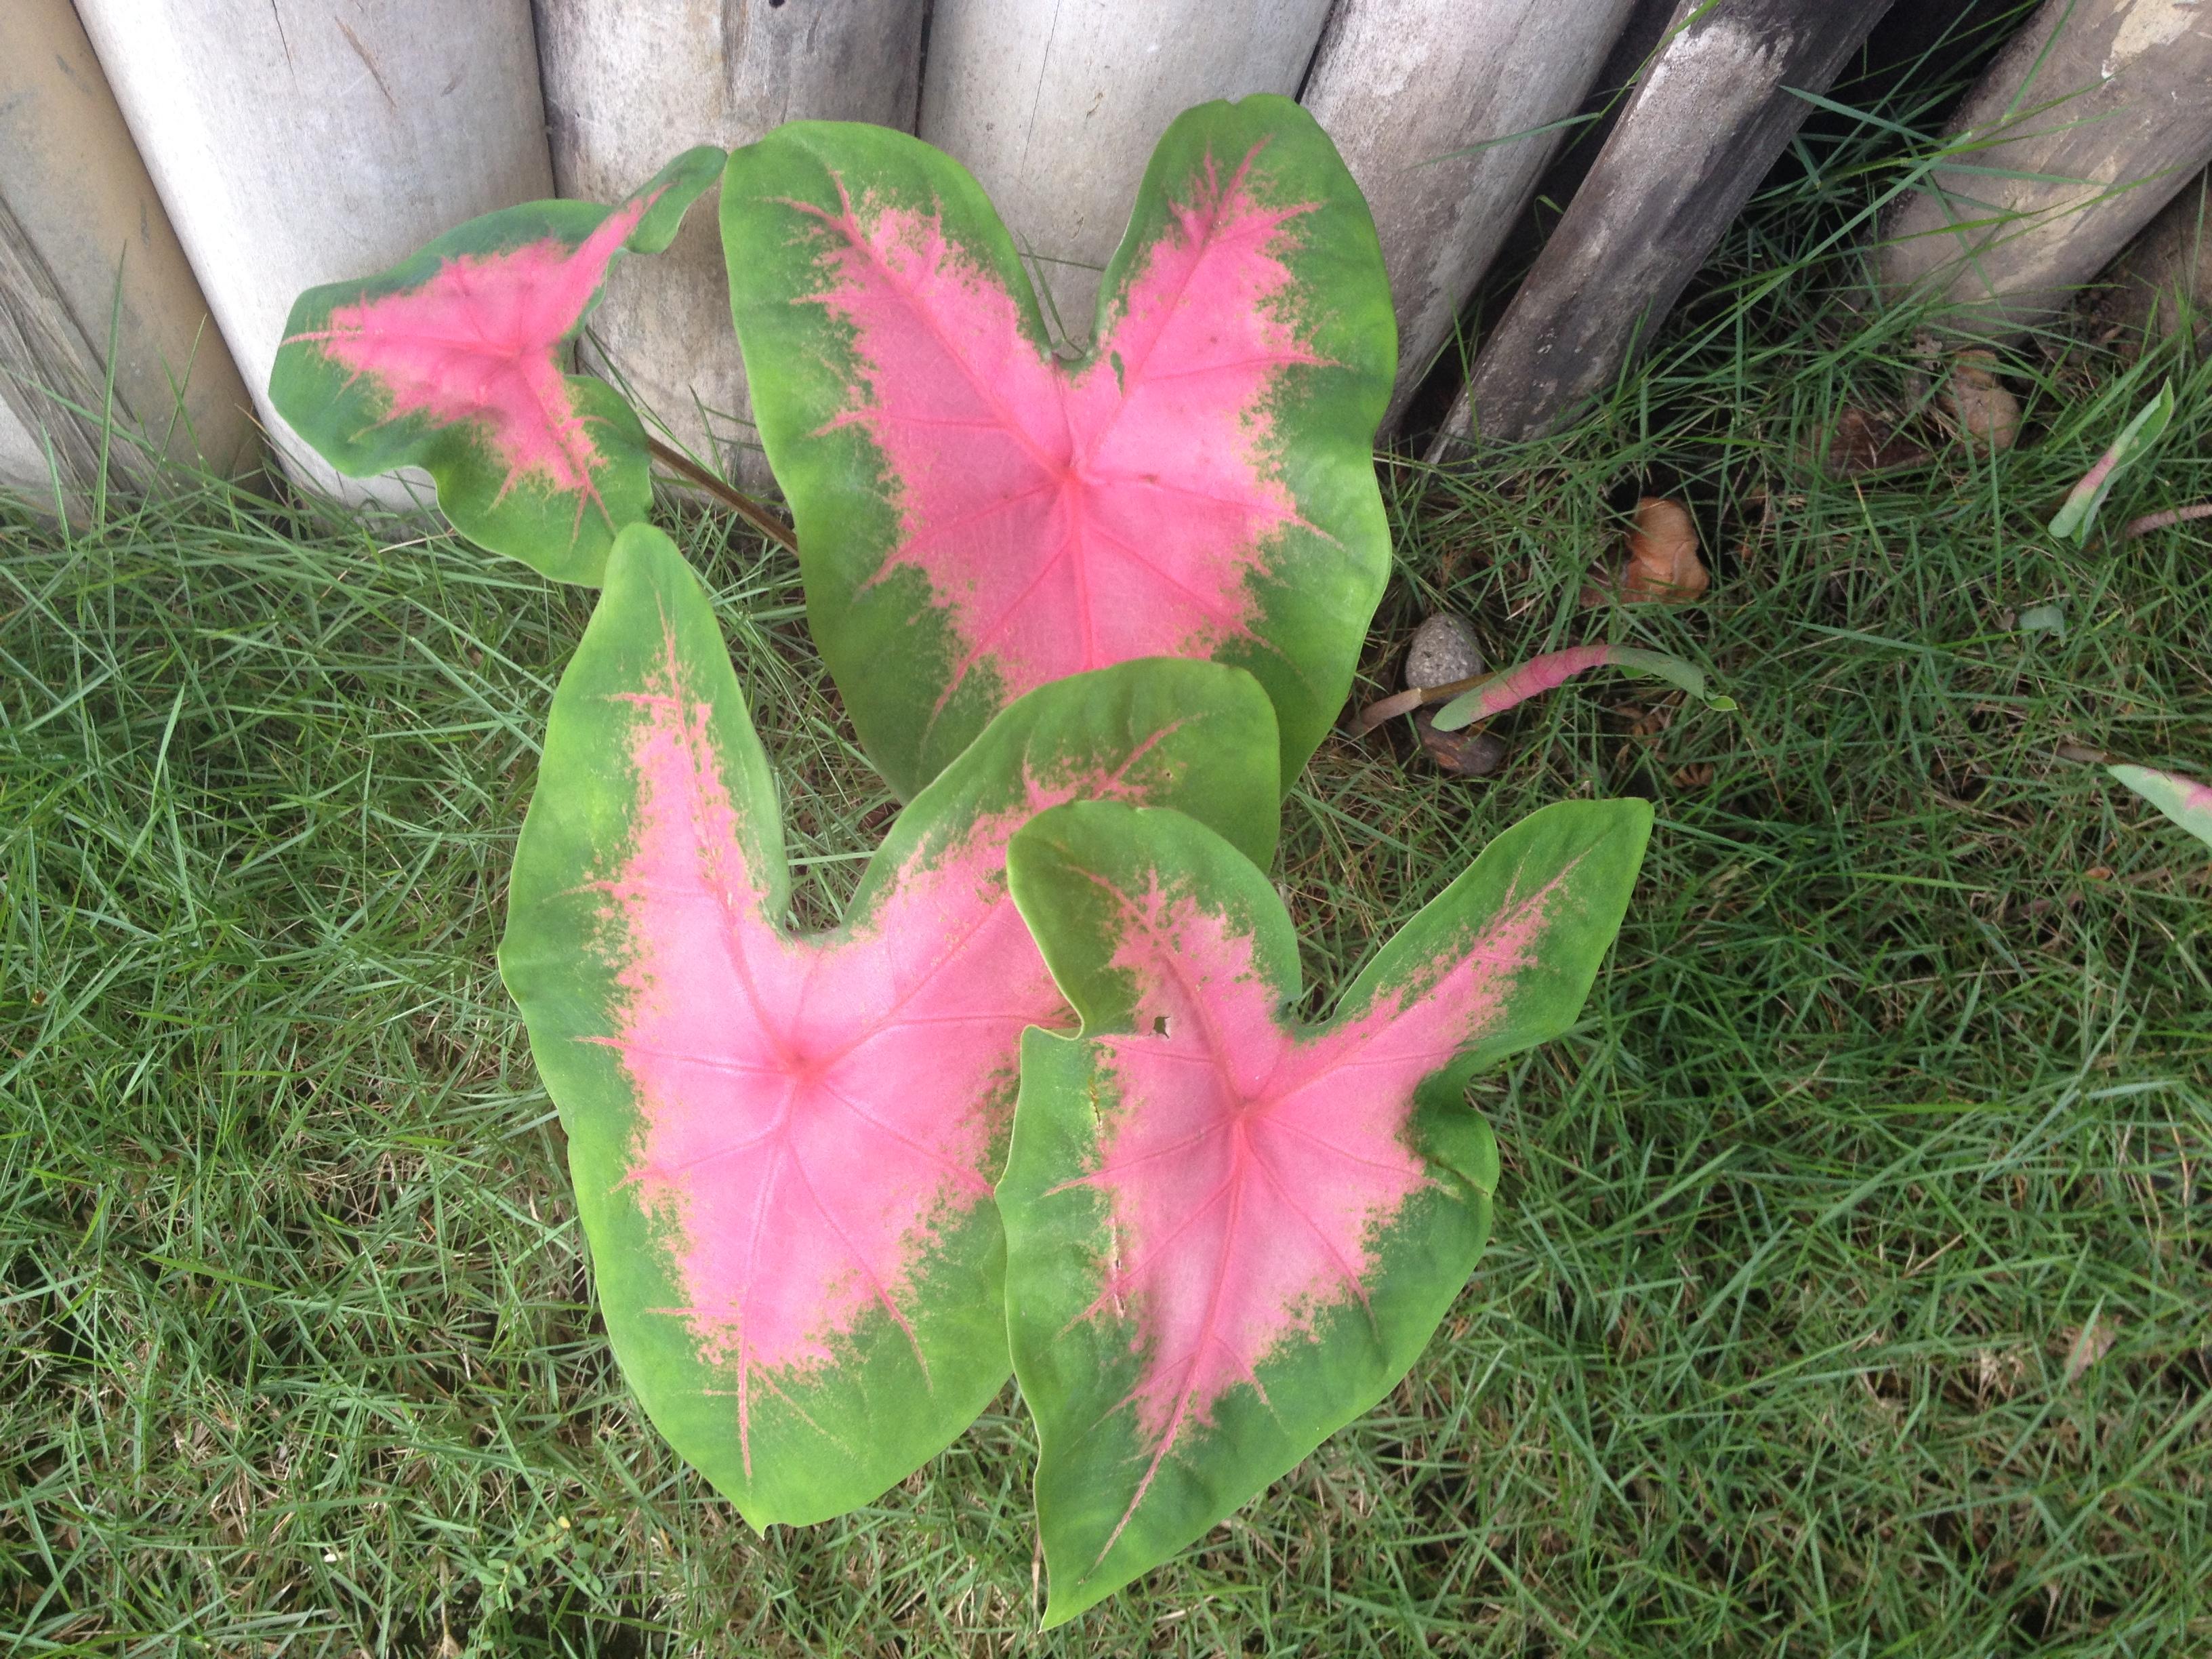 Gabi gabi, la pianta a forma di cuore.